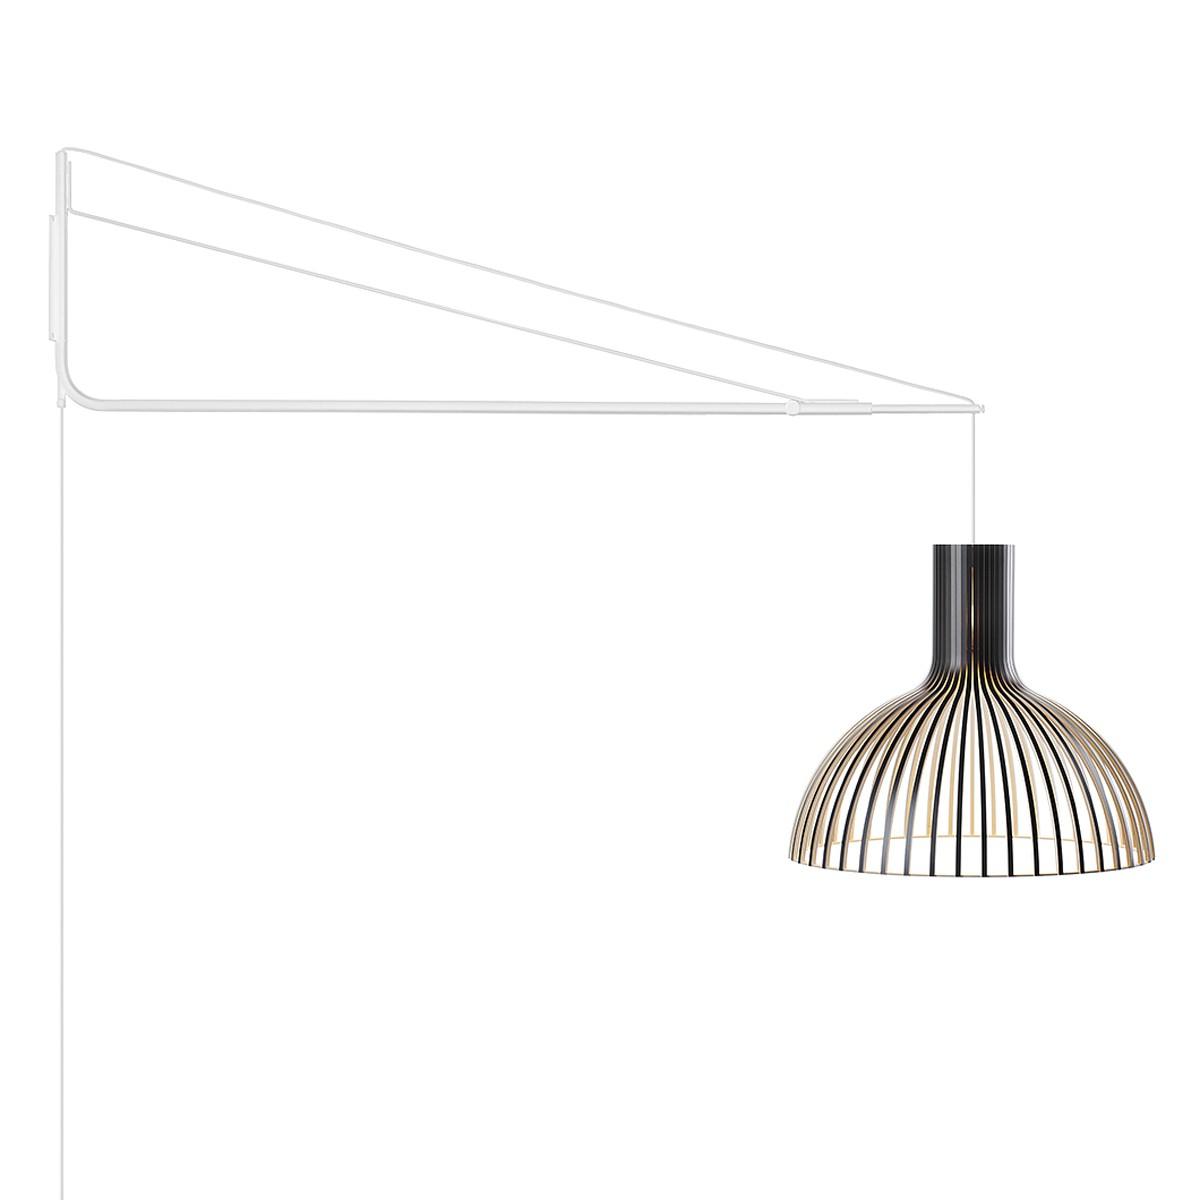 secto design varsi 1000 wandleuchte mit victo 4250 wei schirm schwarz laminiert transpan. Black Bedroom Furniture Sets. Home Design Ideas